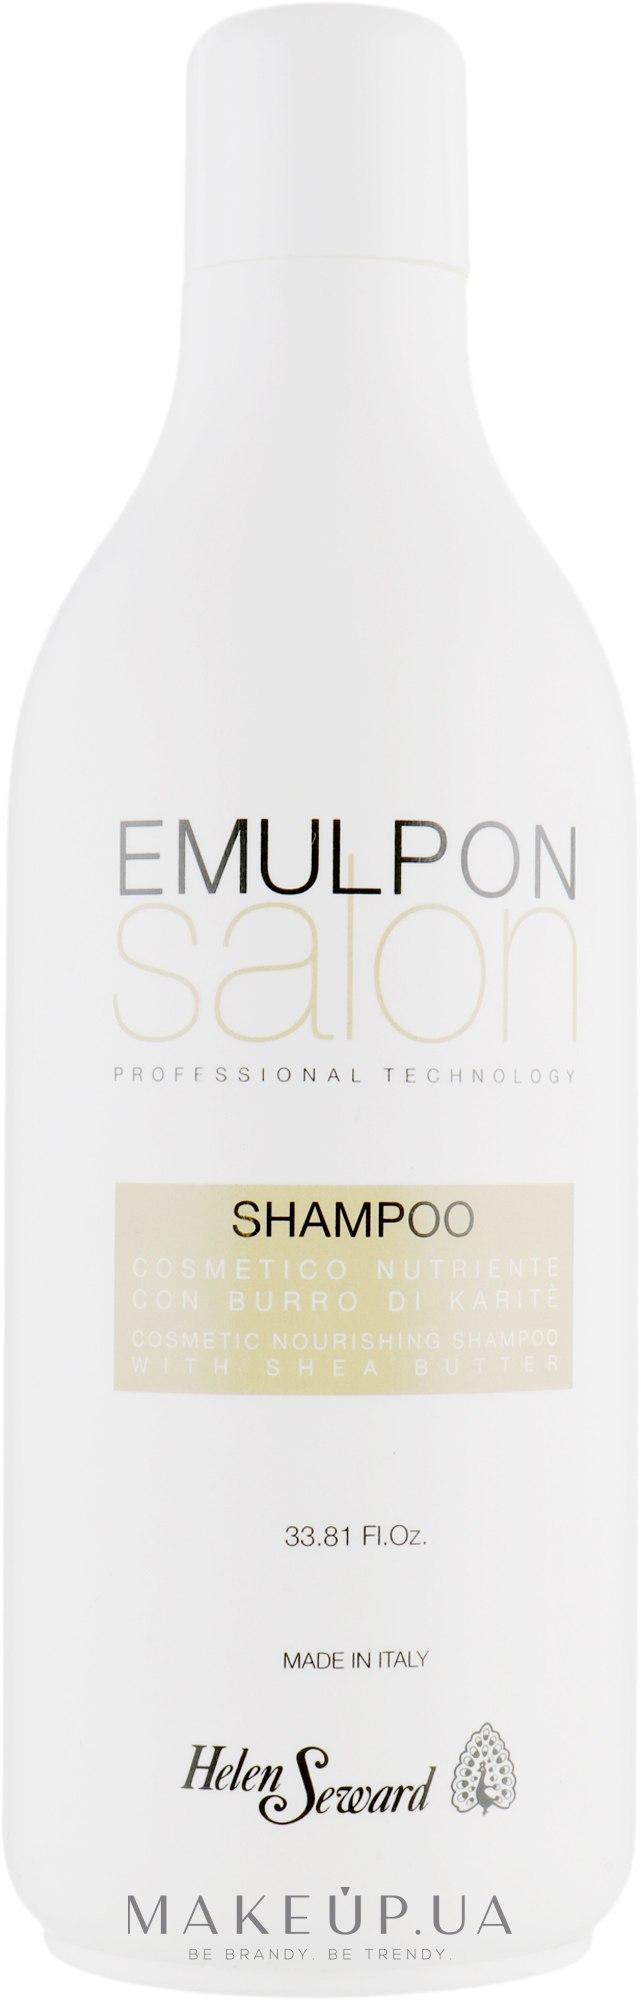 Косметический питательный шампунь с маслом карите - Helen Seward Emulpon Salon Nourishing Shampoo — фото 1000ml